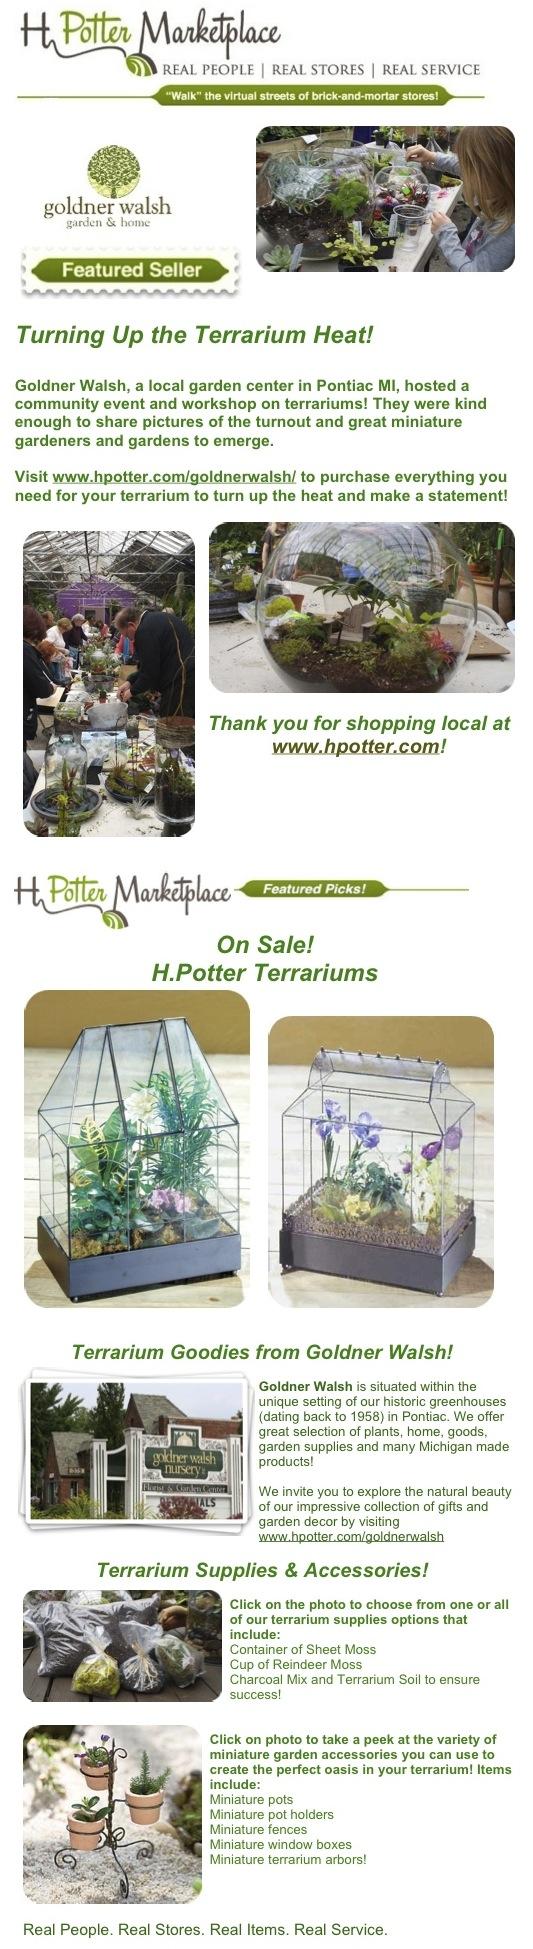 Garden decor trellis  hpotter allows you to support local garden centers by shopping